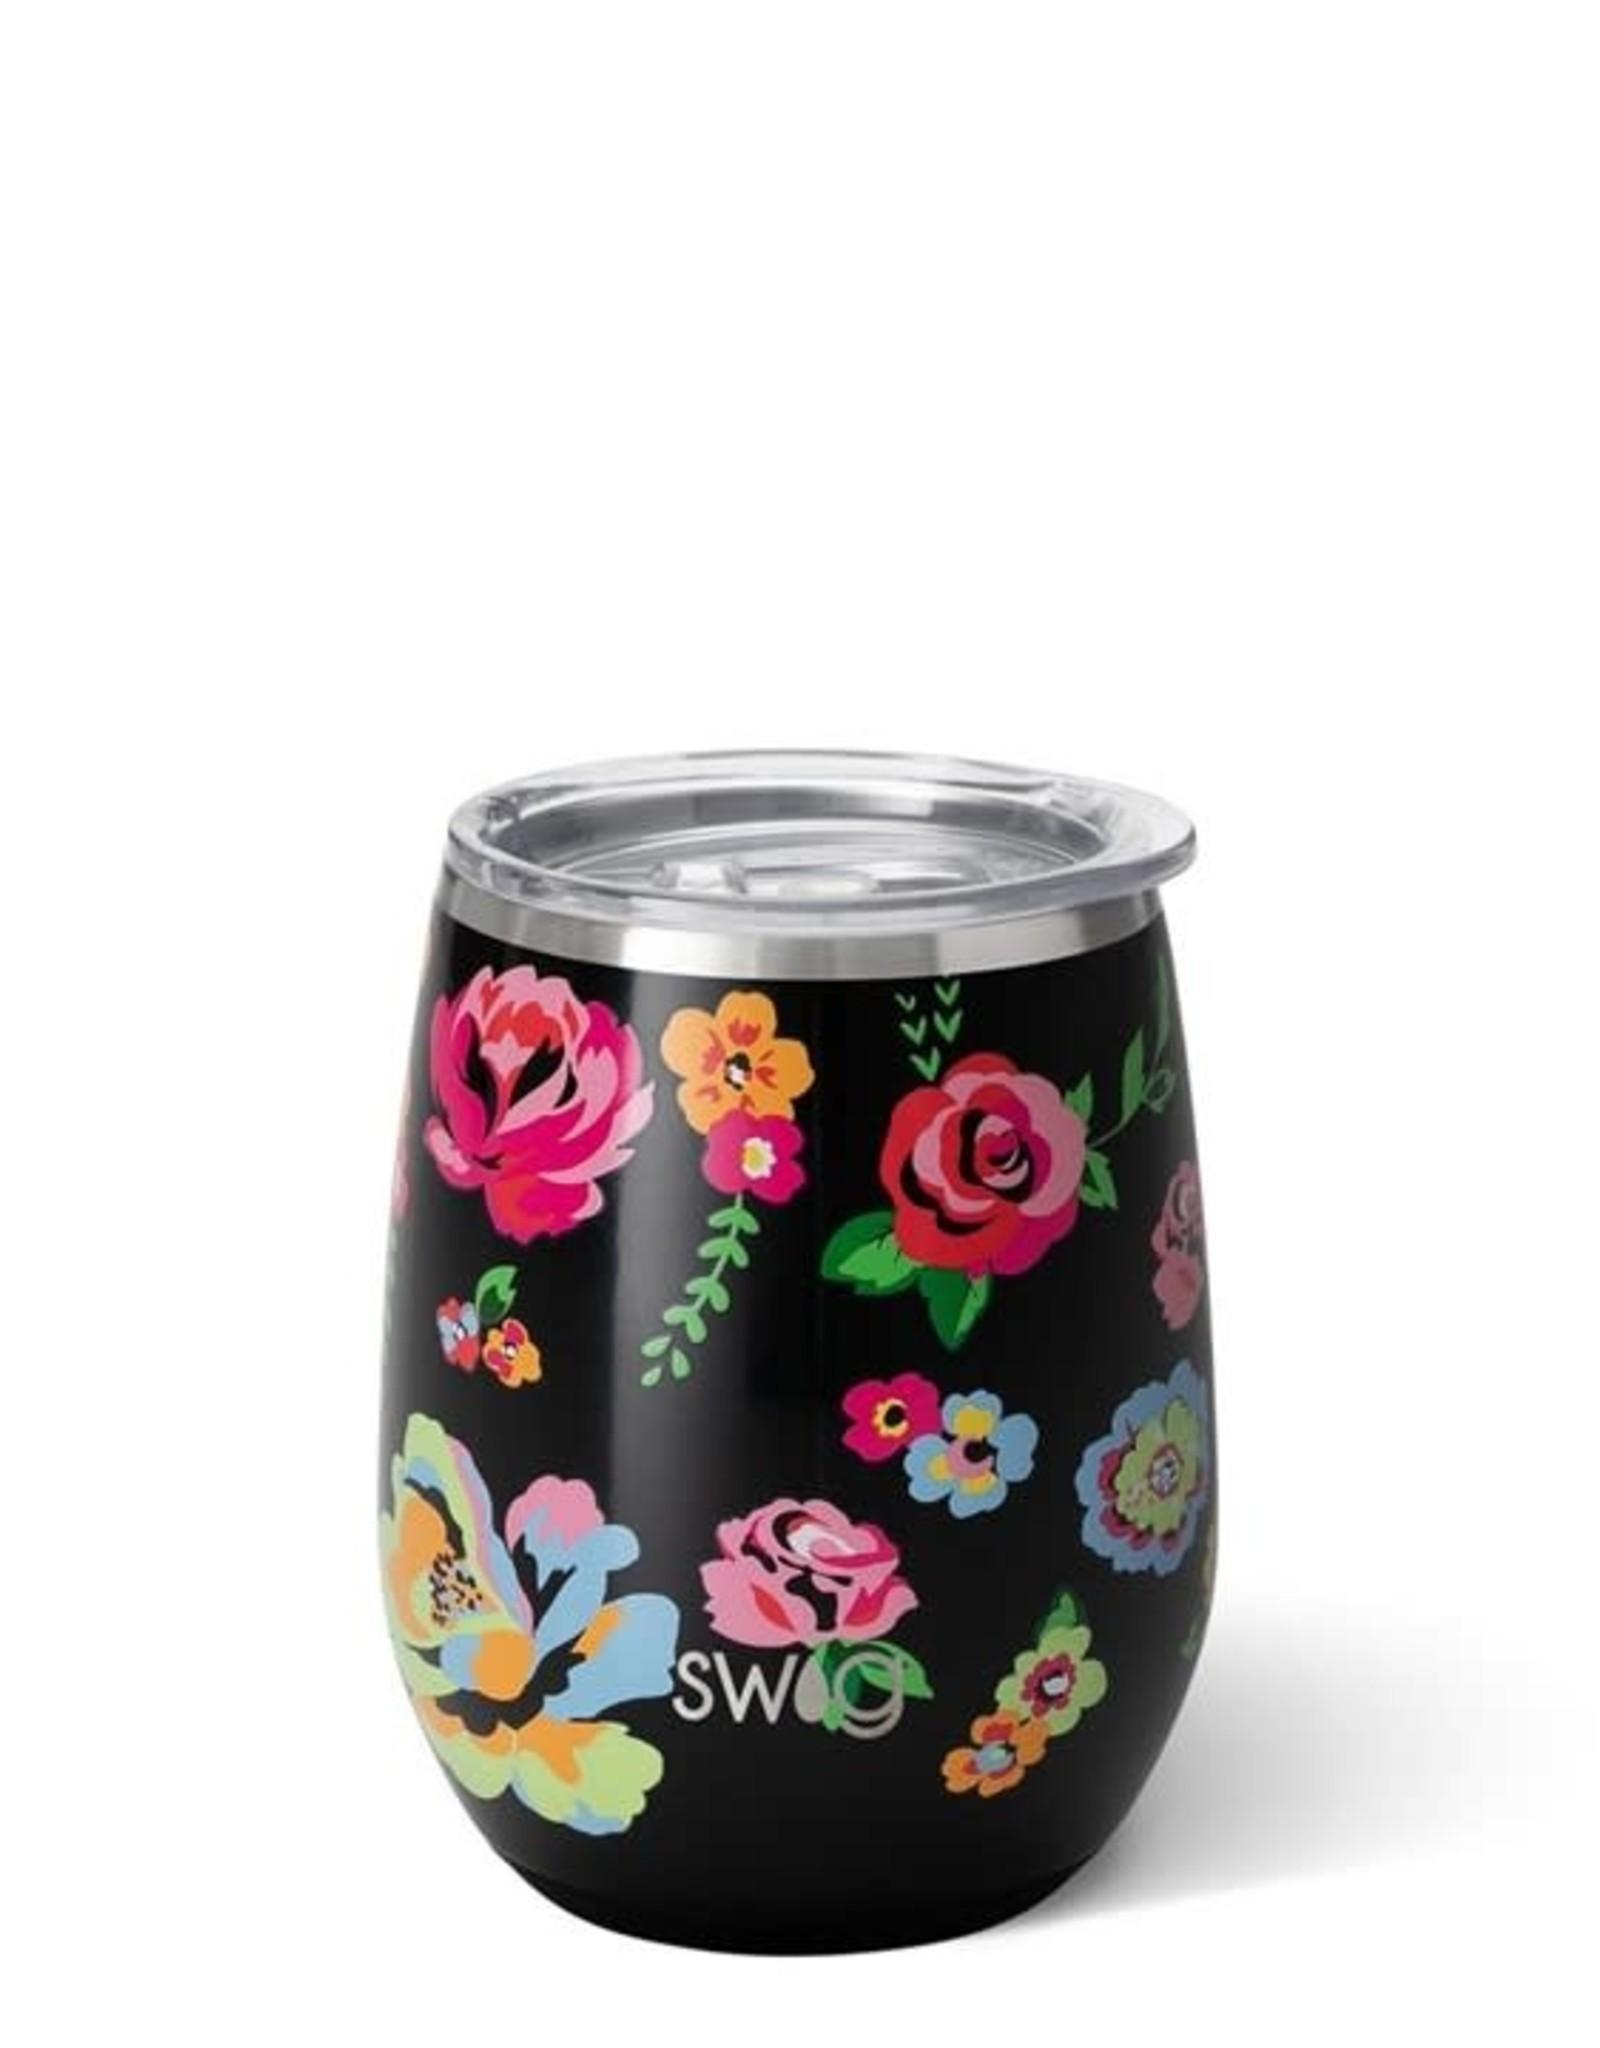 Swig Verre thermos - Noir fleuri